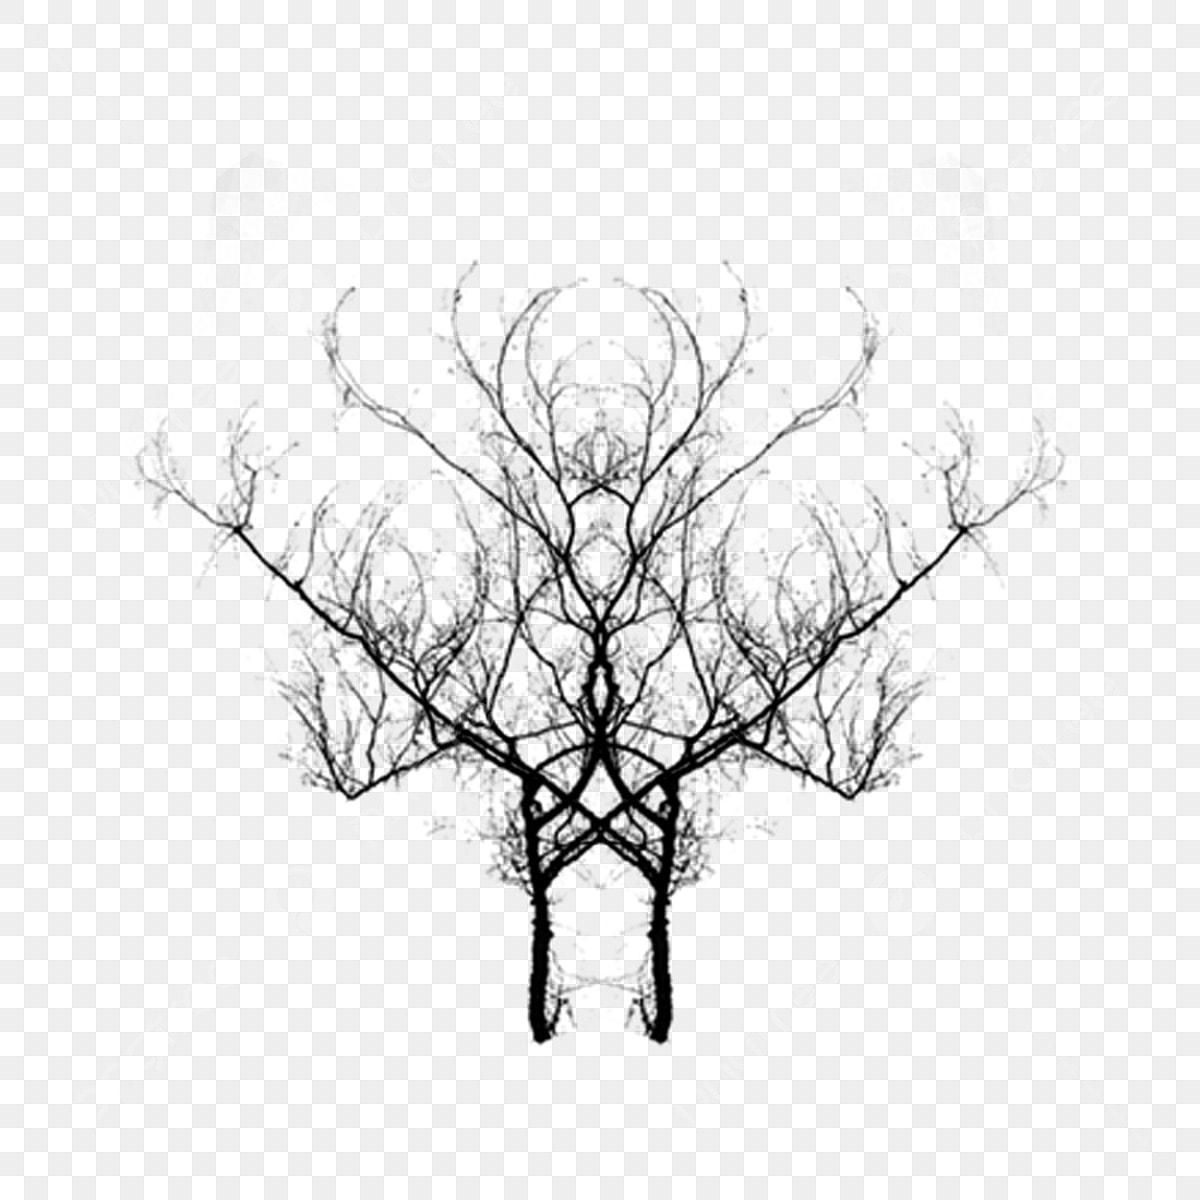 رسم خيال الشجرة الميتة أبيض وأسود بسيط رسمت باليد يمكن أن يكون